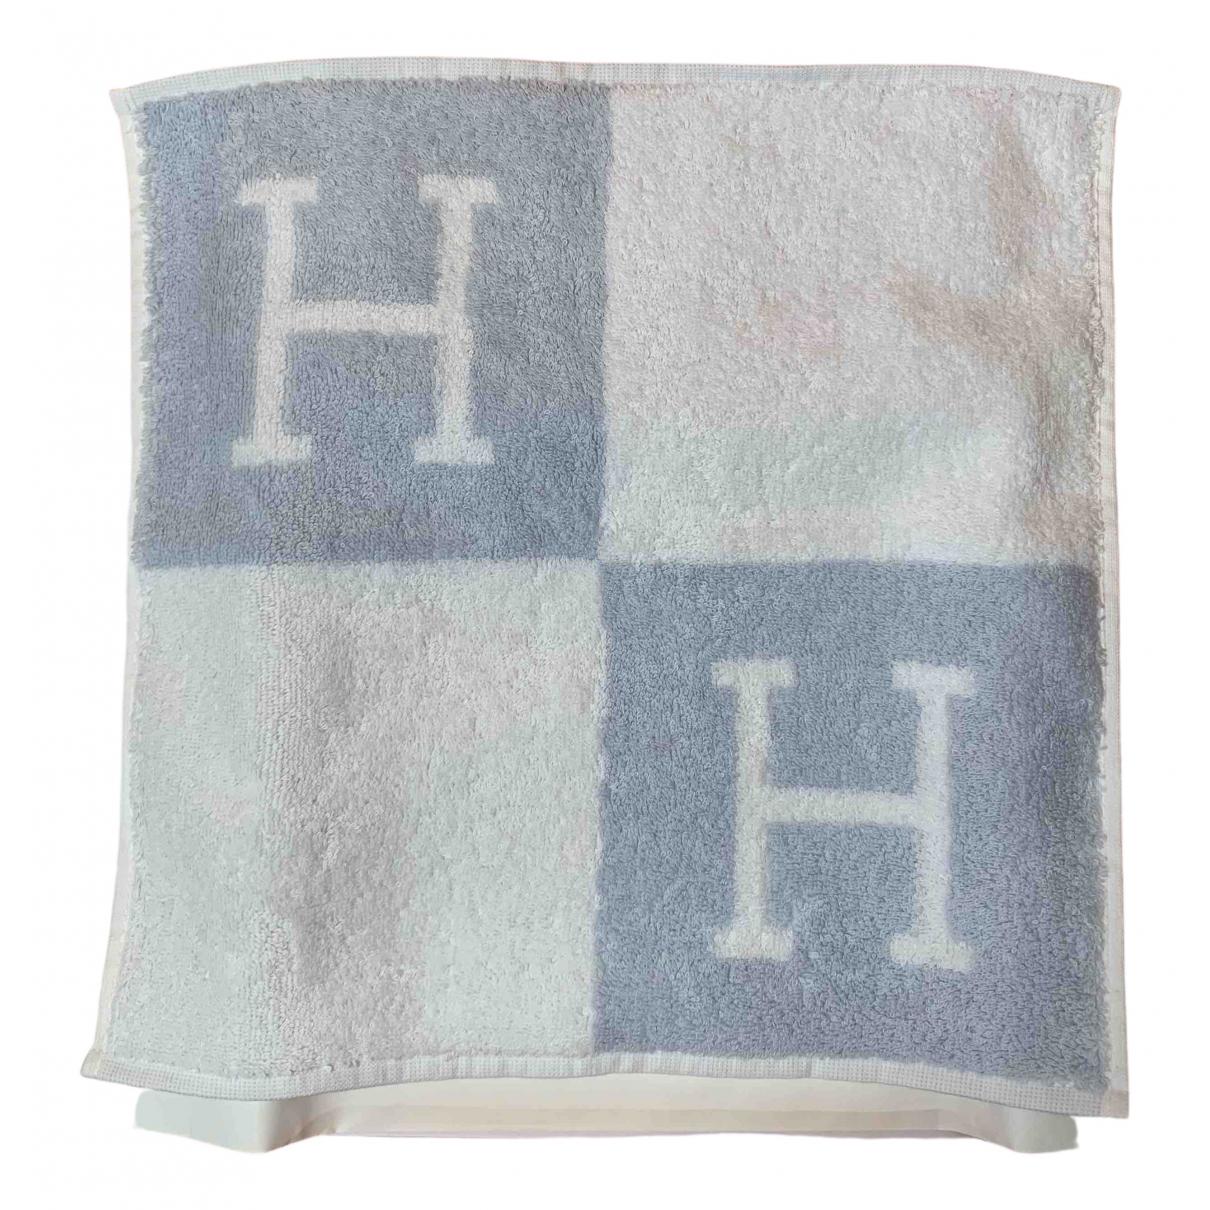 Hermes - Linge de maison Avalon pour lifestyle en coton - multicolore